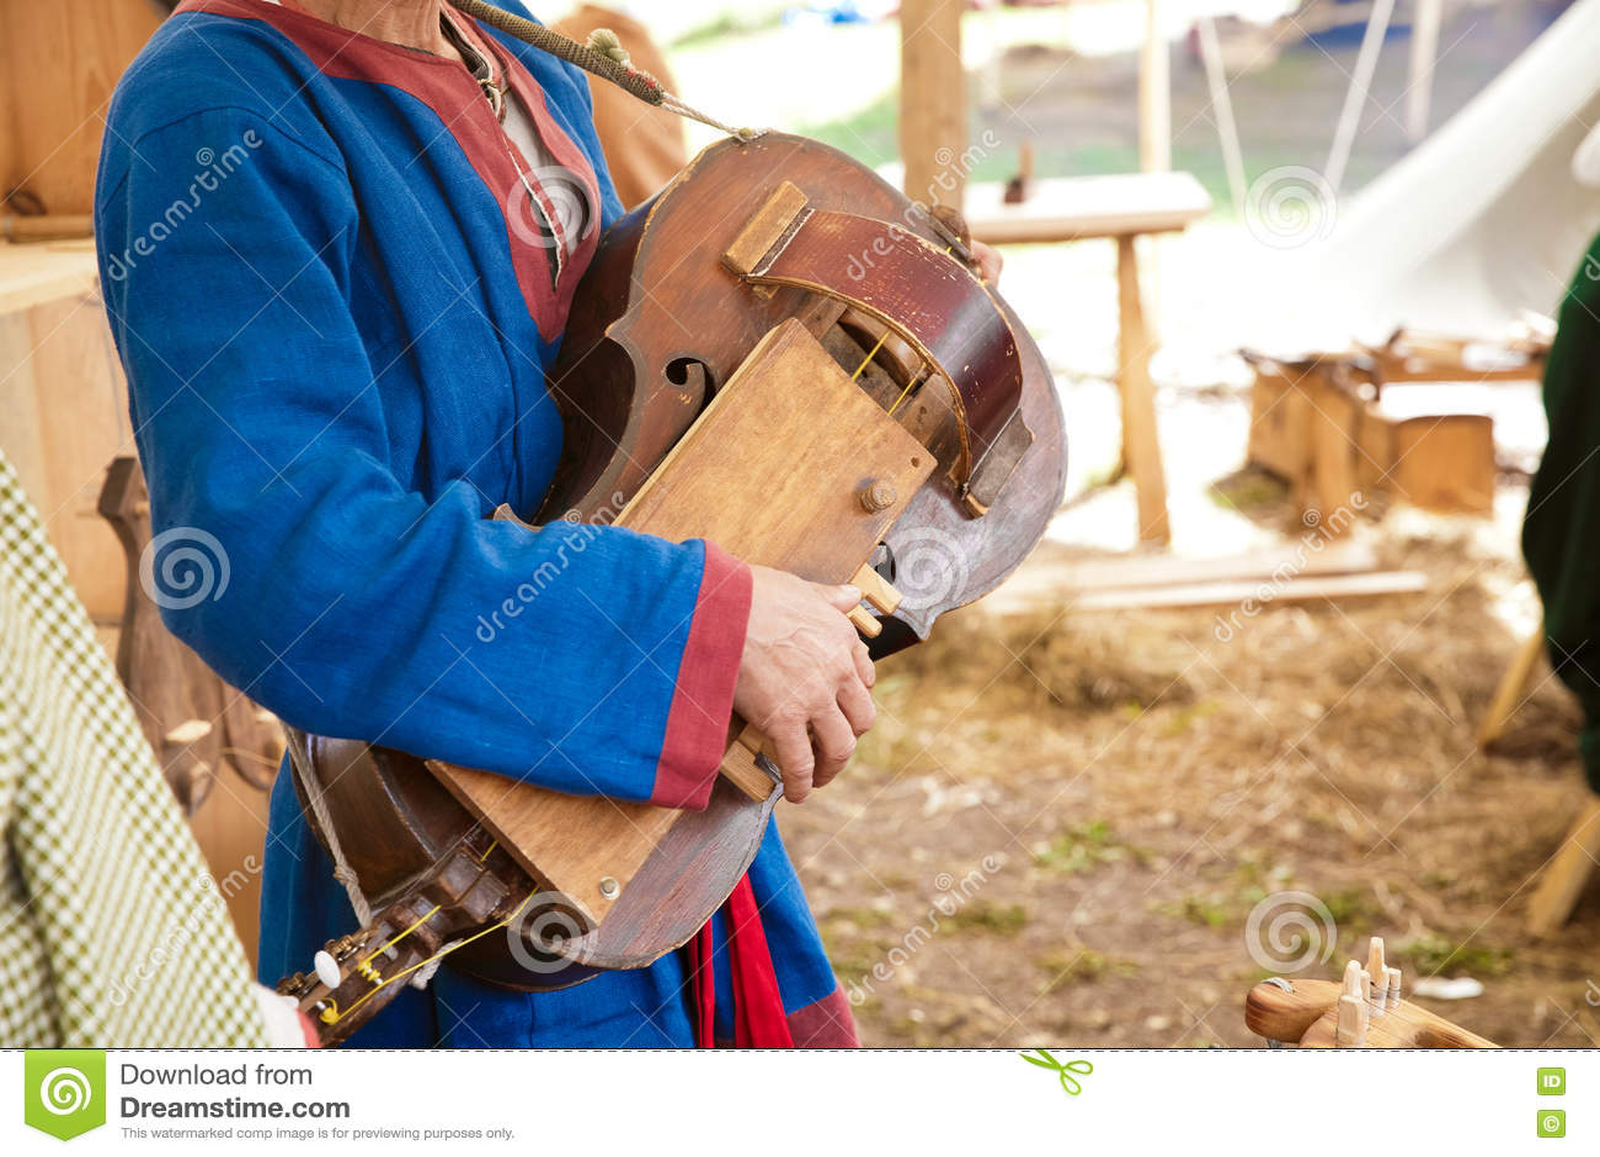 Το παιχνίδι τον αρχαίου το όργανο